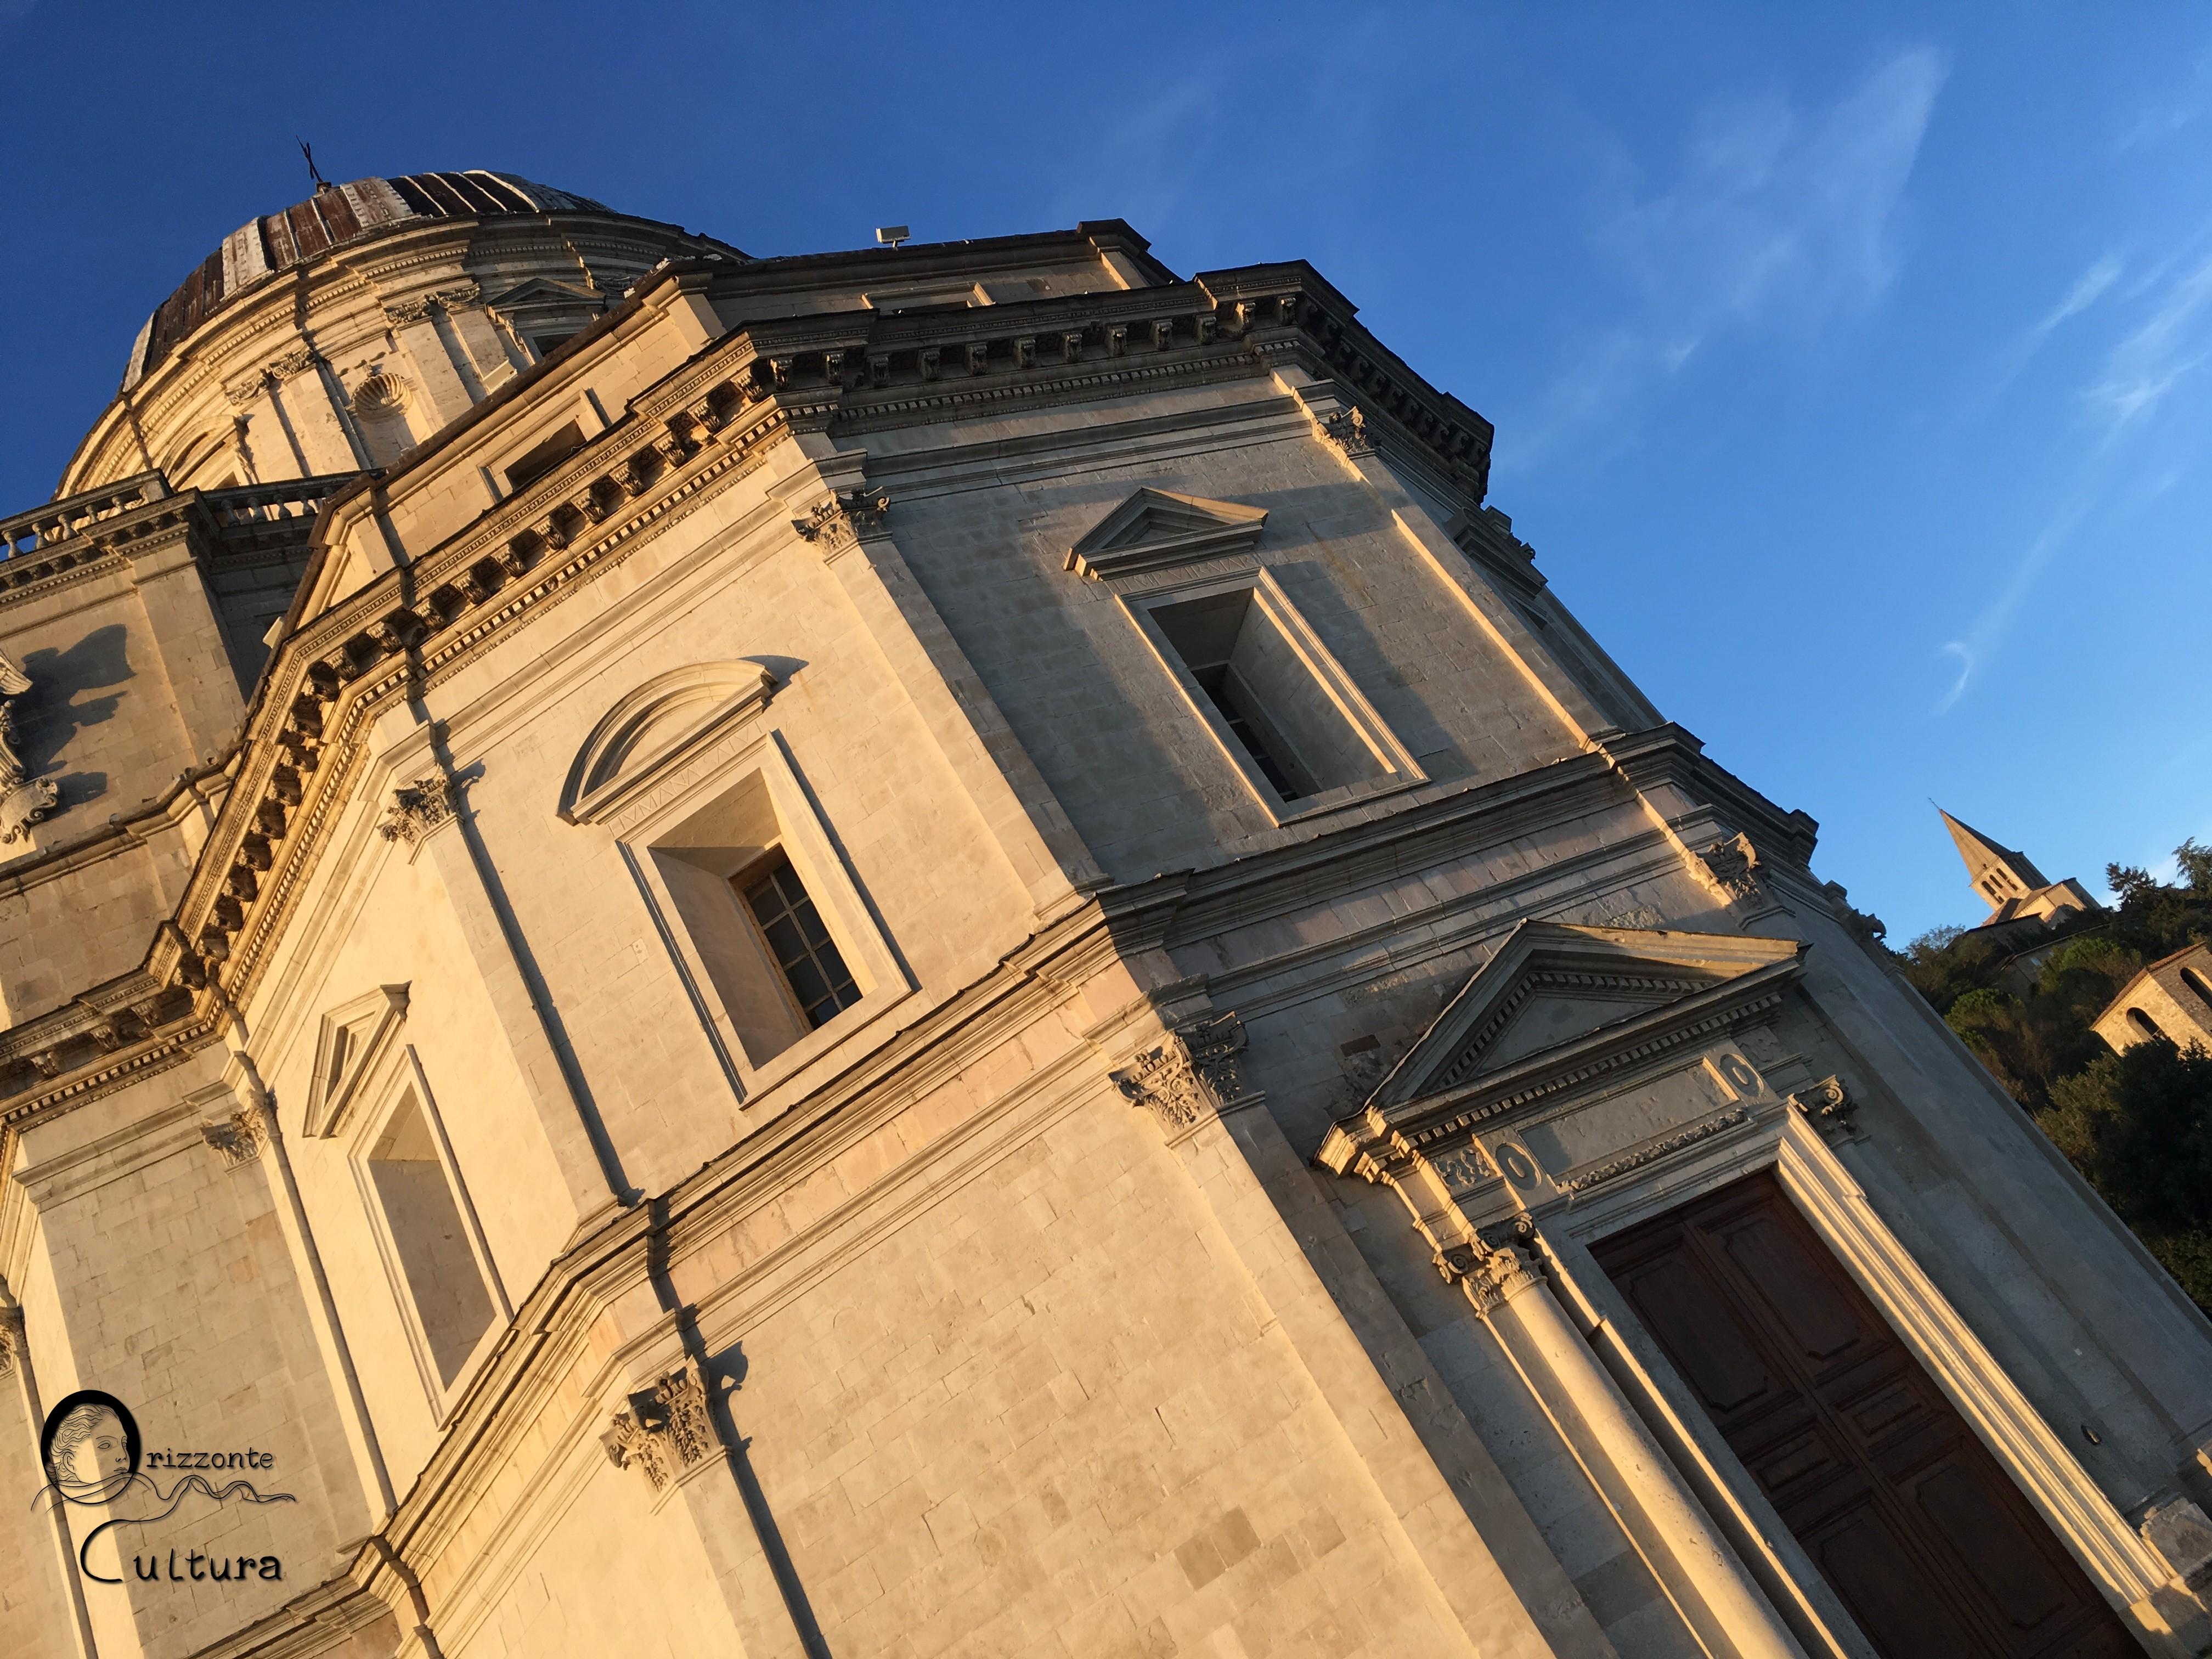 Tempio di Santa Maria Della Consolazione, Todi - Orizzonte Cultura